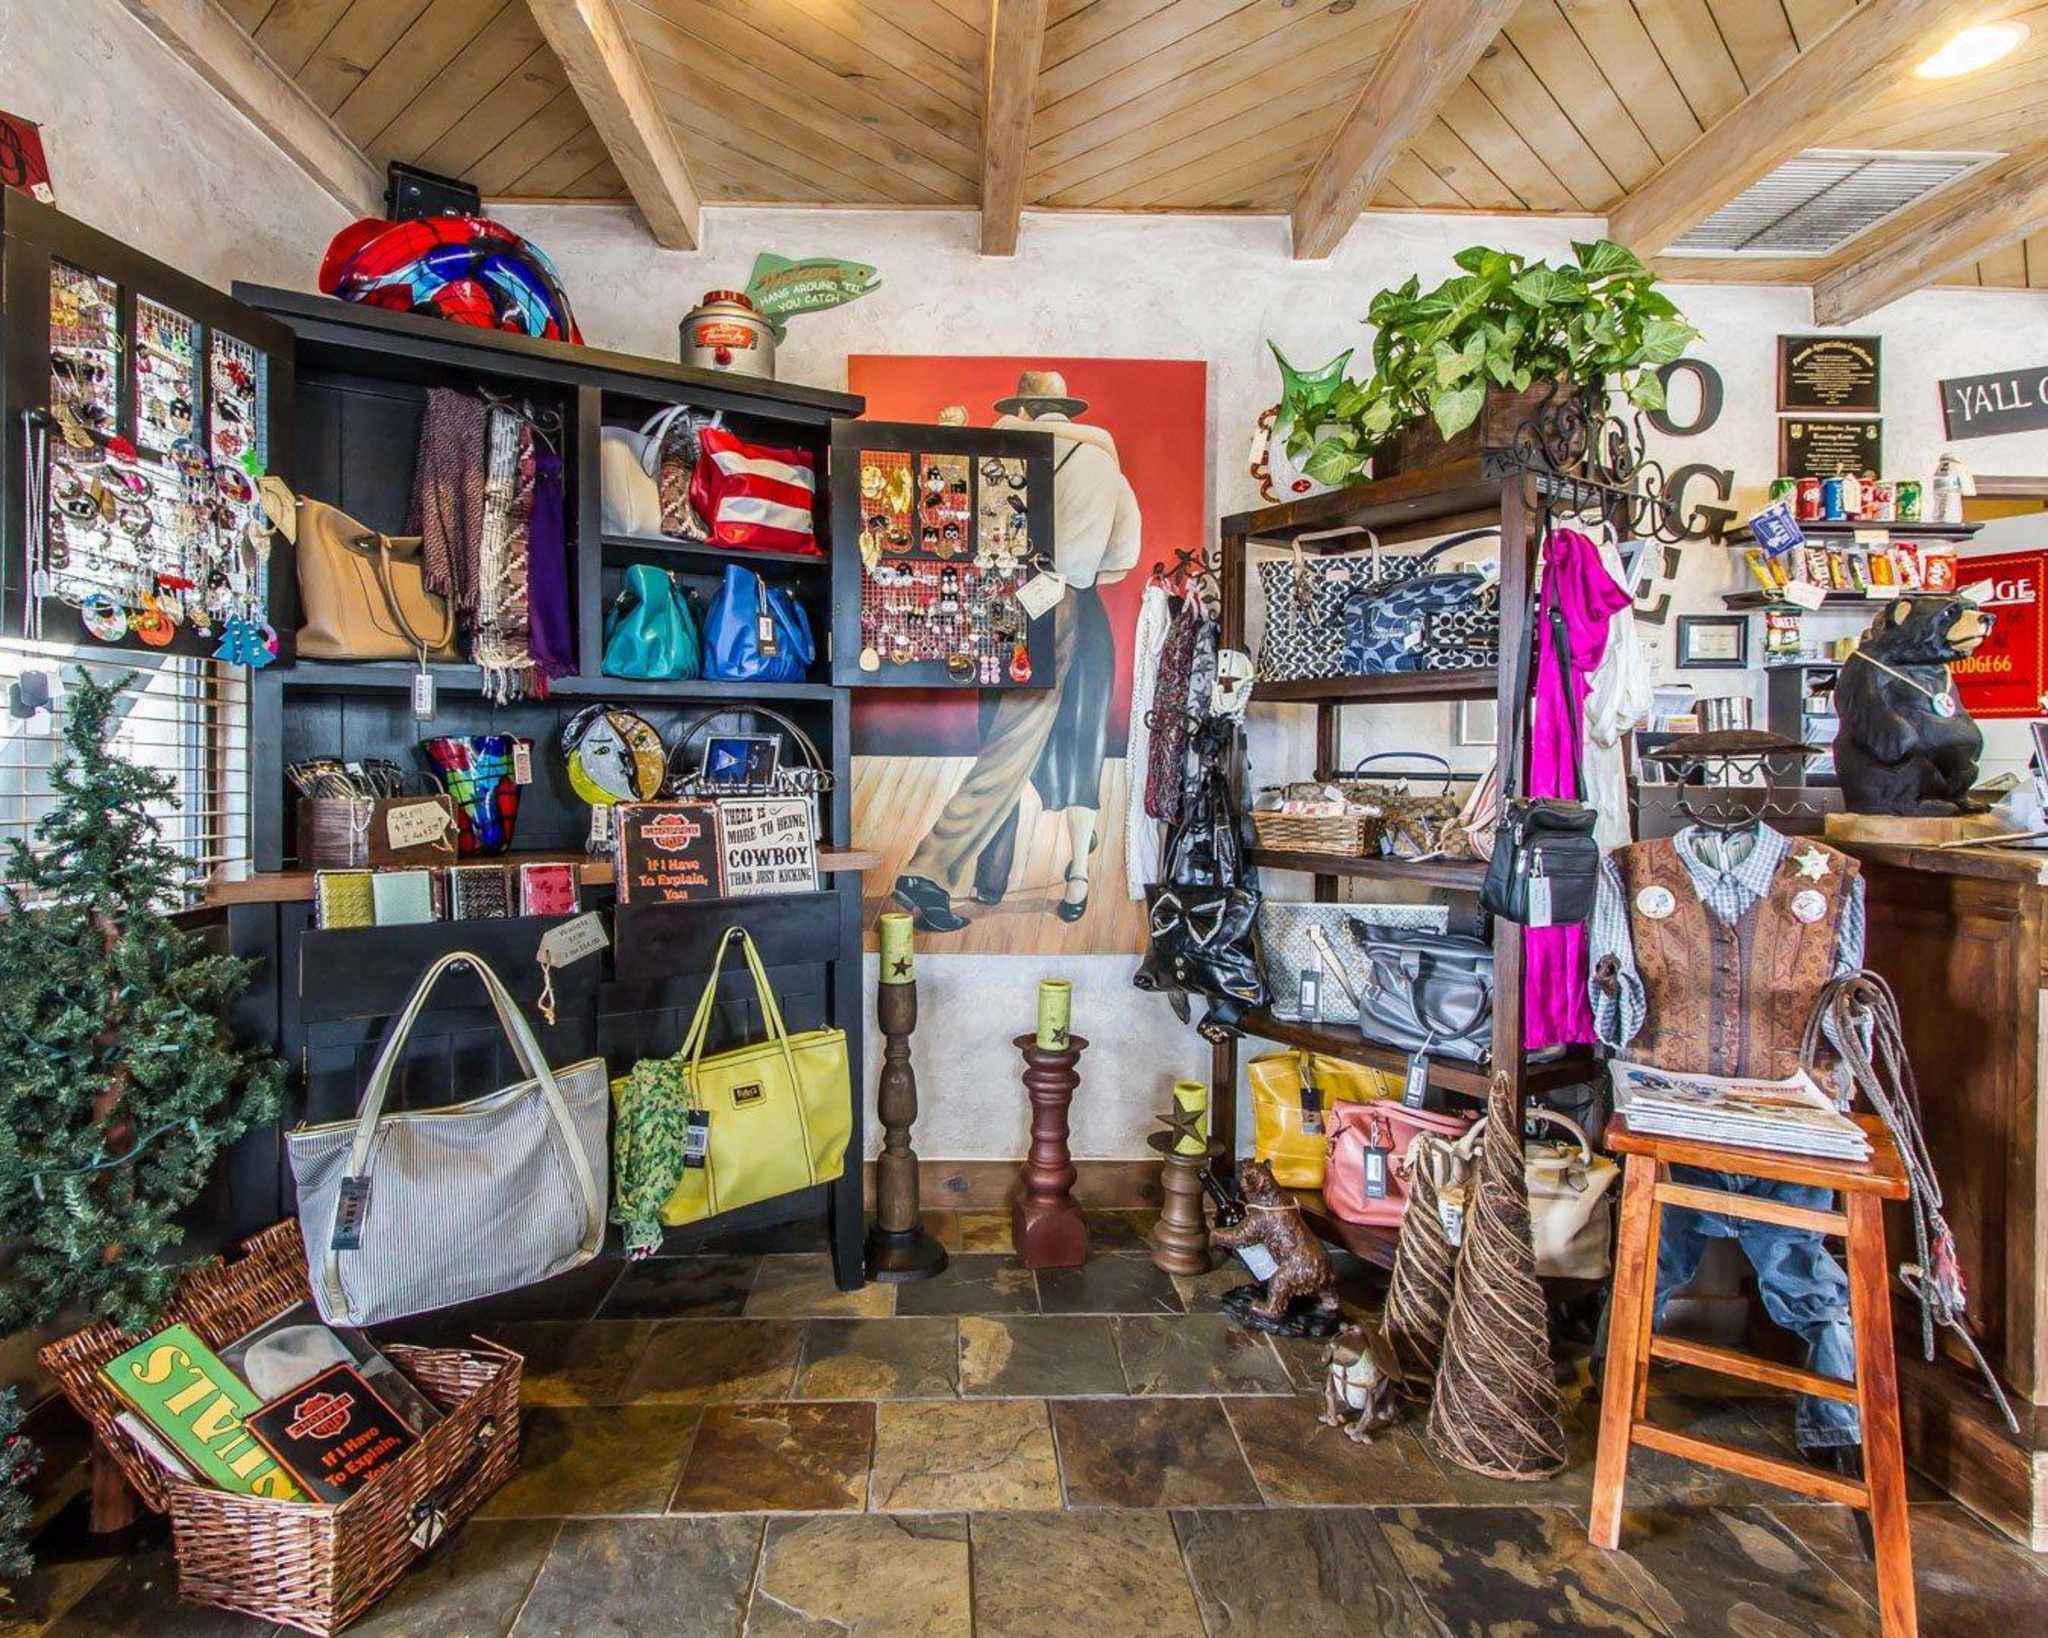 Rodeway Inn & Suites Downtowner-Rte 66 image 18